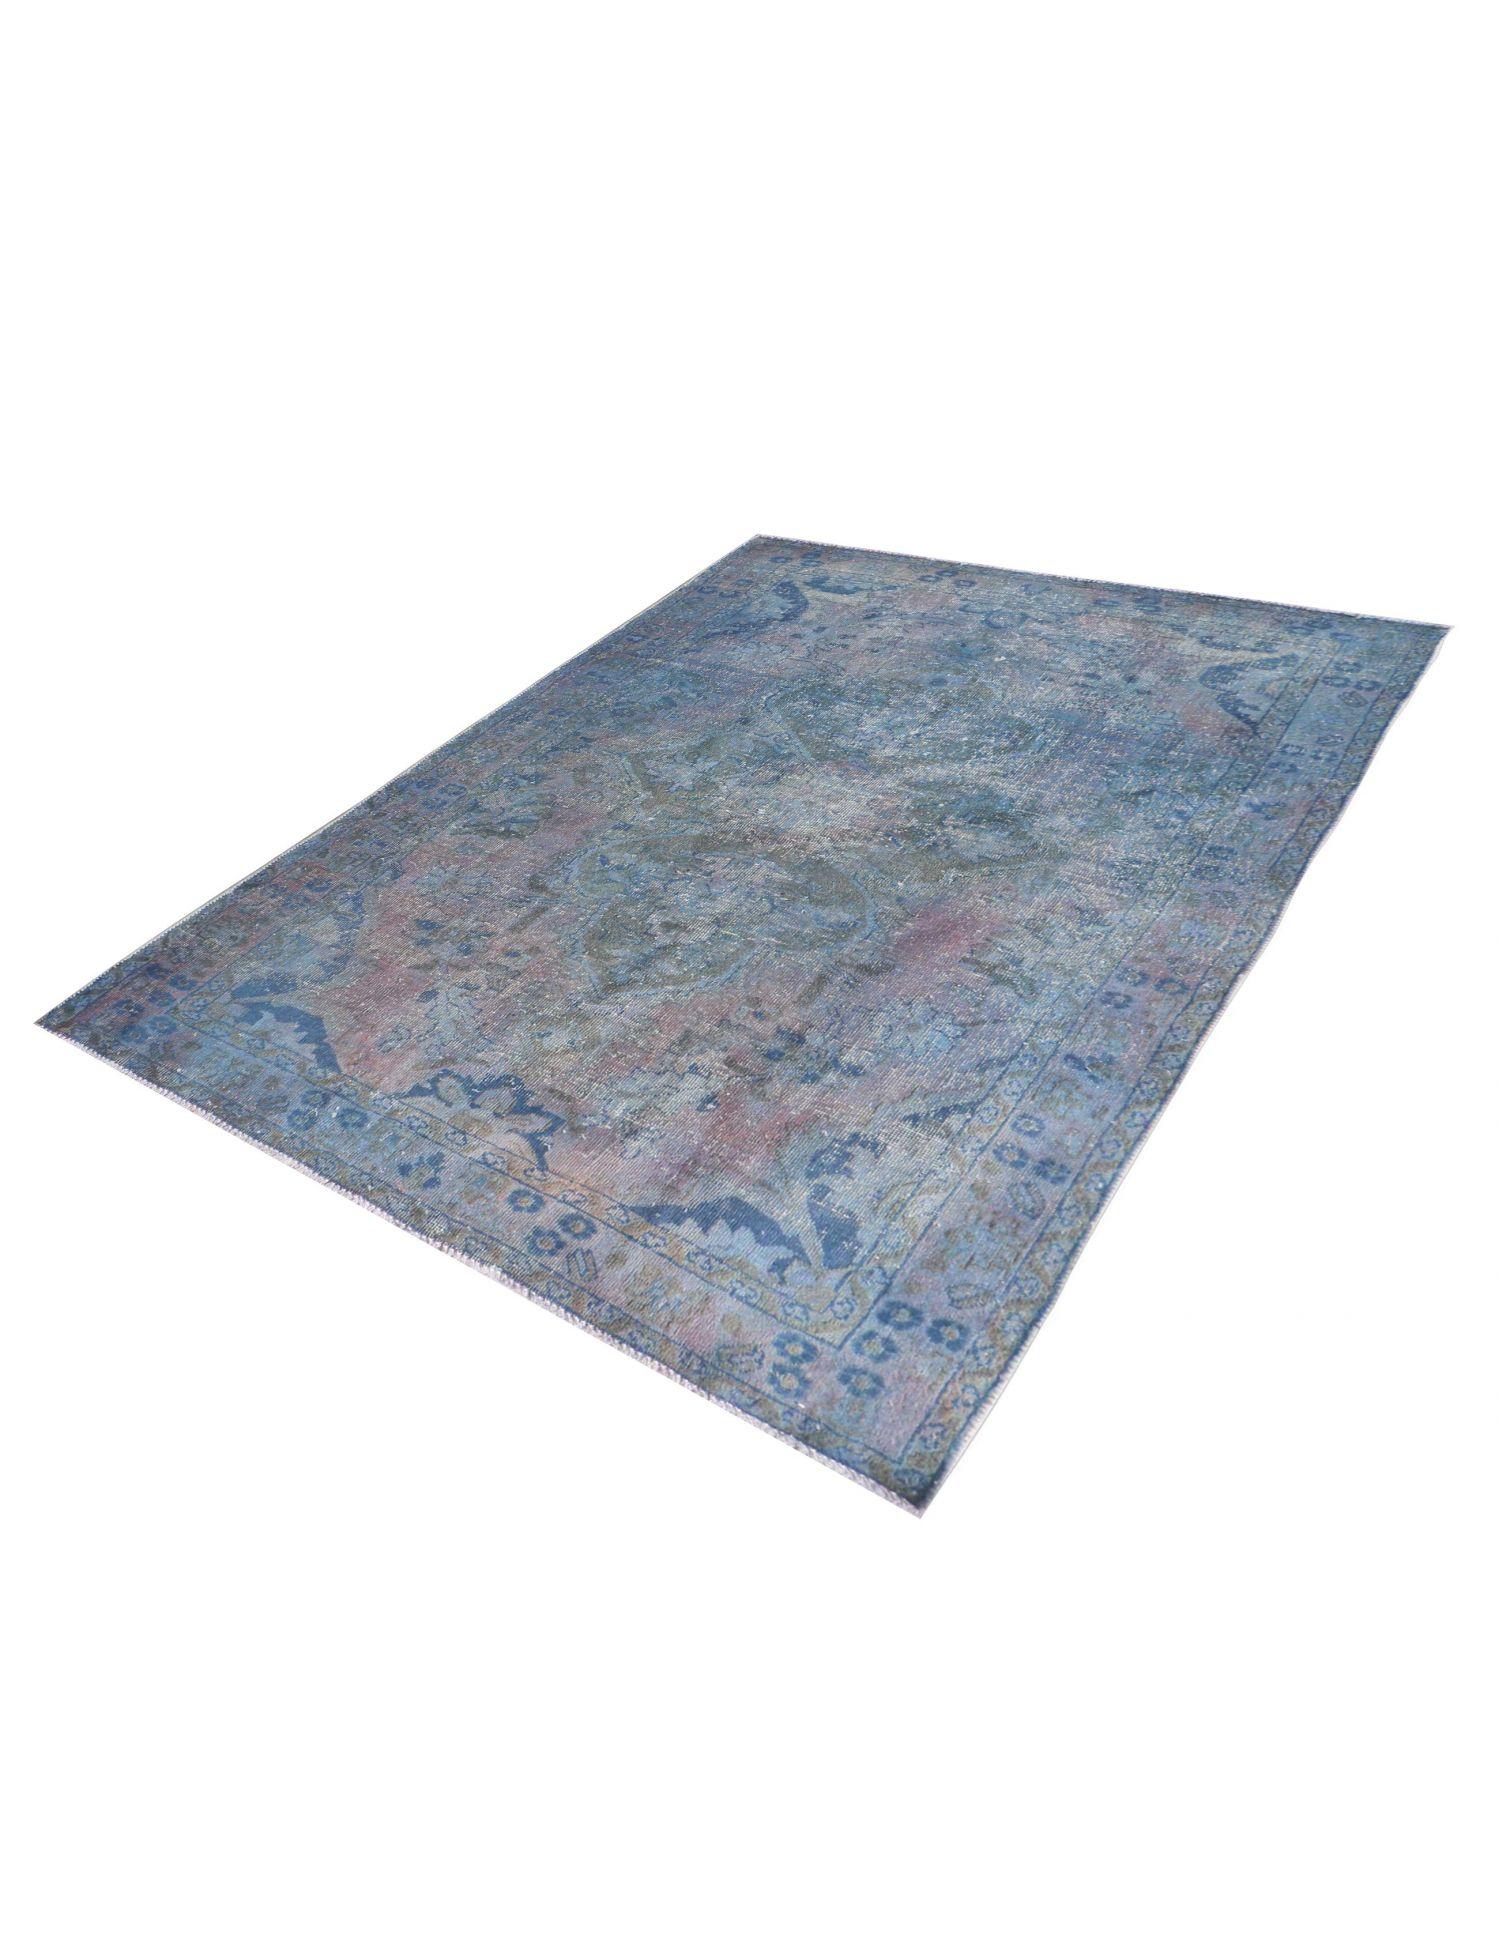 Vintage Perserteppich  blau <br/>225 x 146 cm